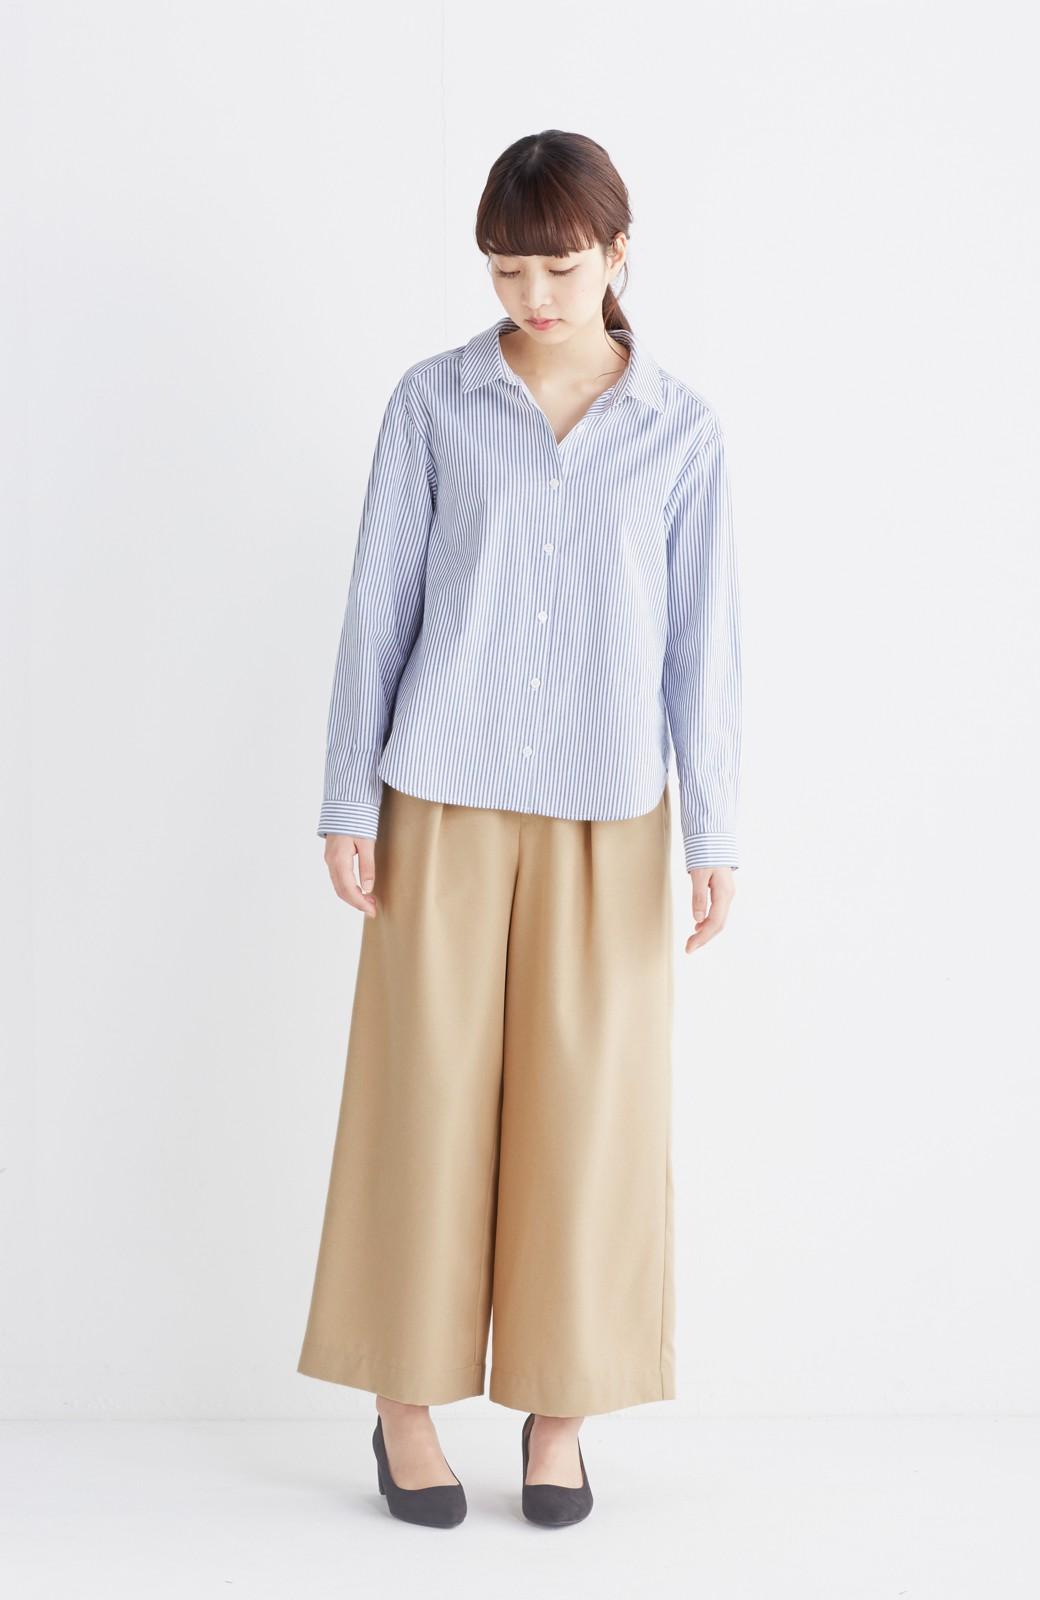 エムトロワ 抜き衿シャツ&ふんわりスカートの総柄セットアップ <ホワイト×ブルー>の商品写真6